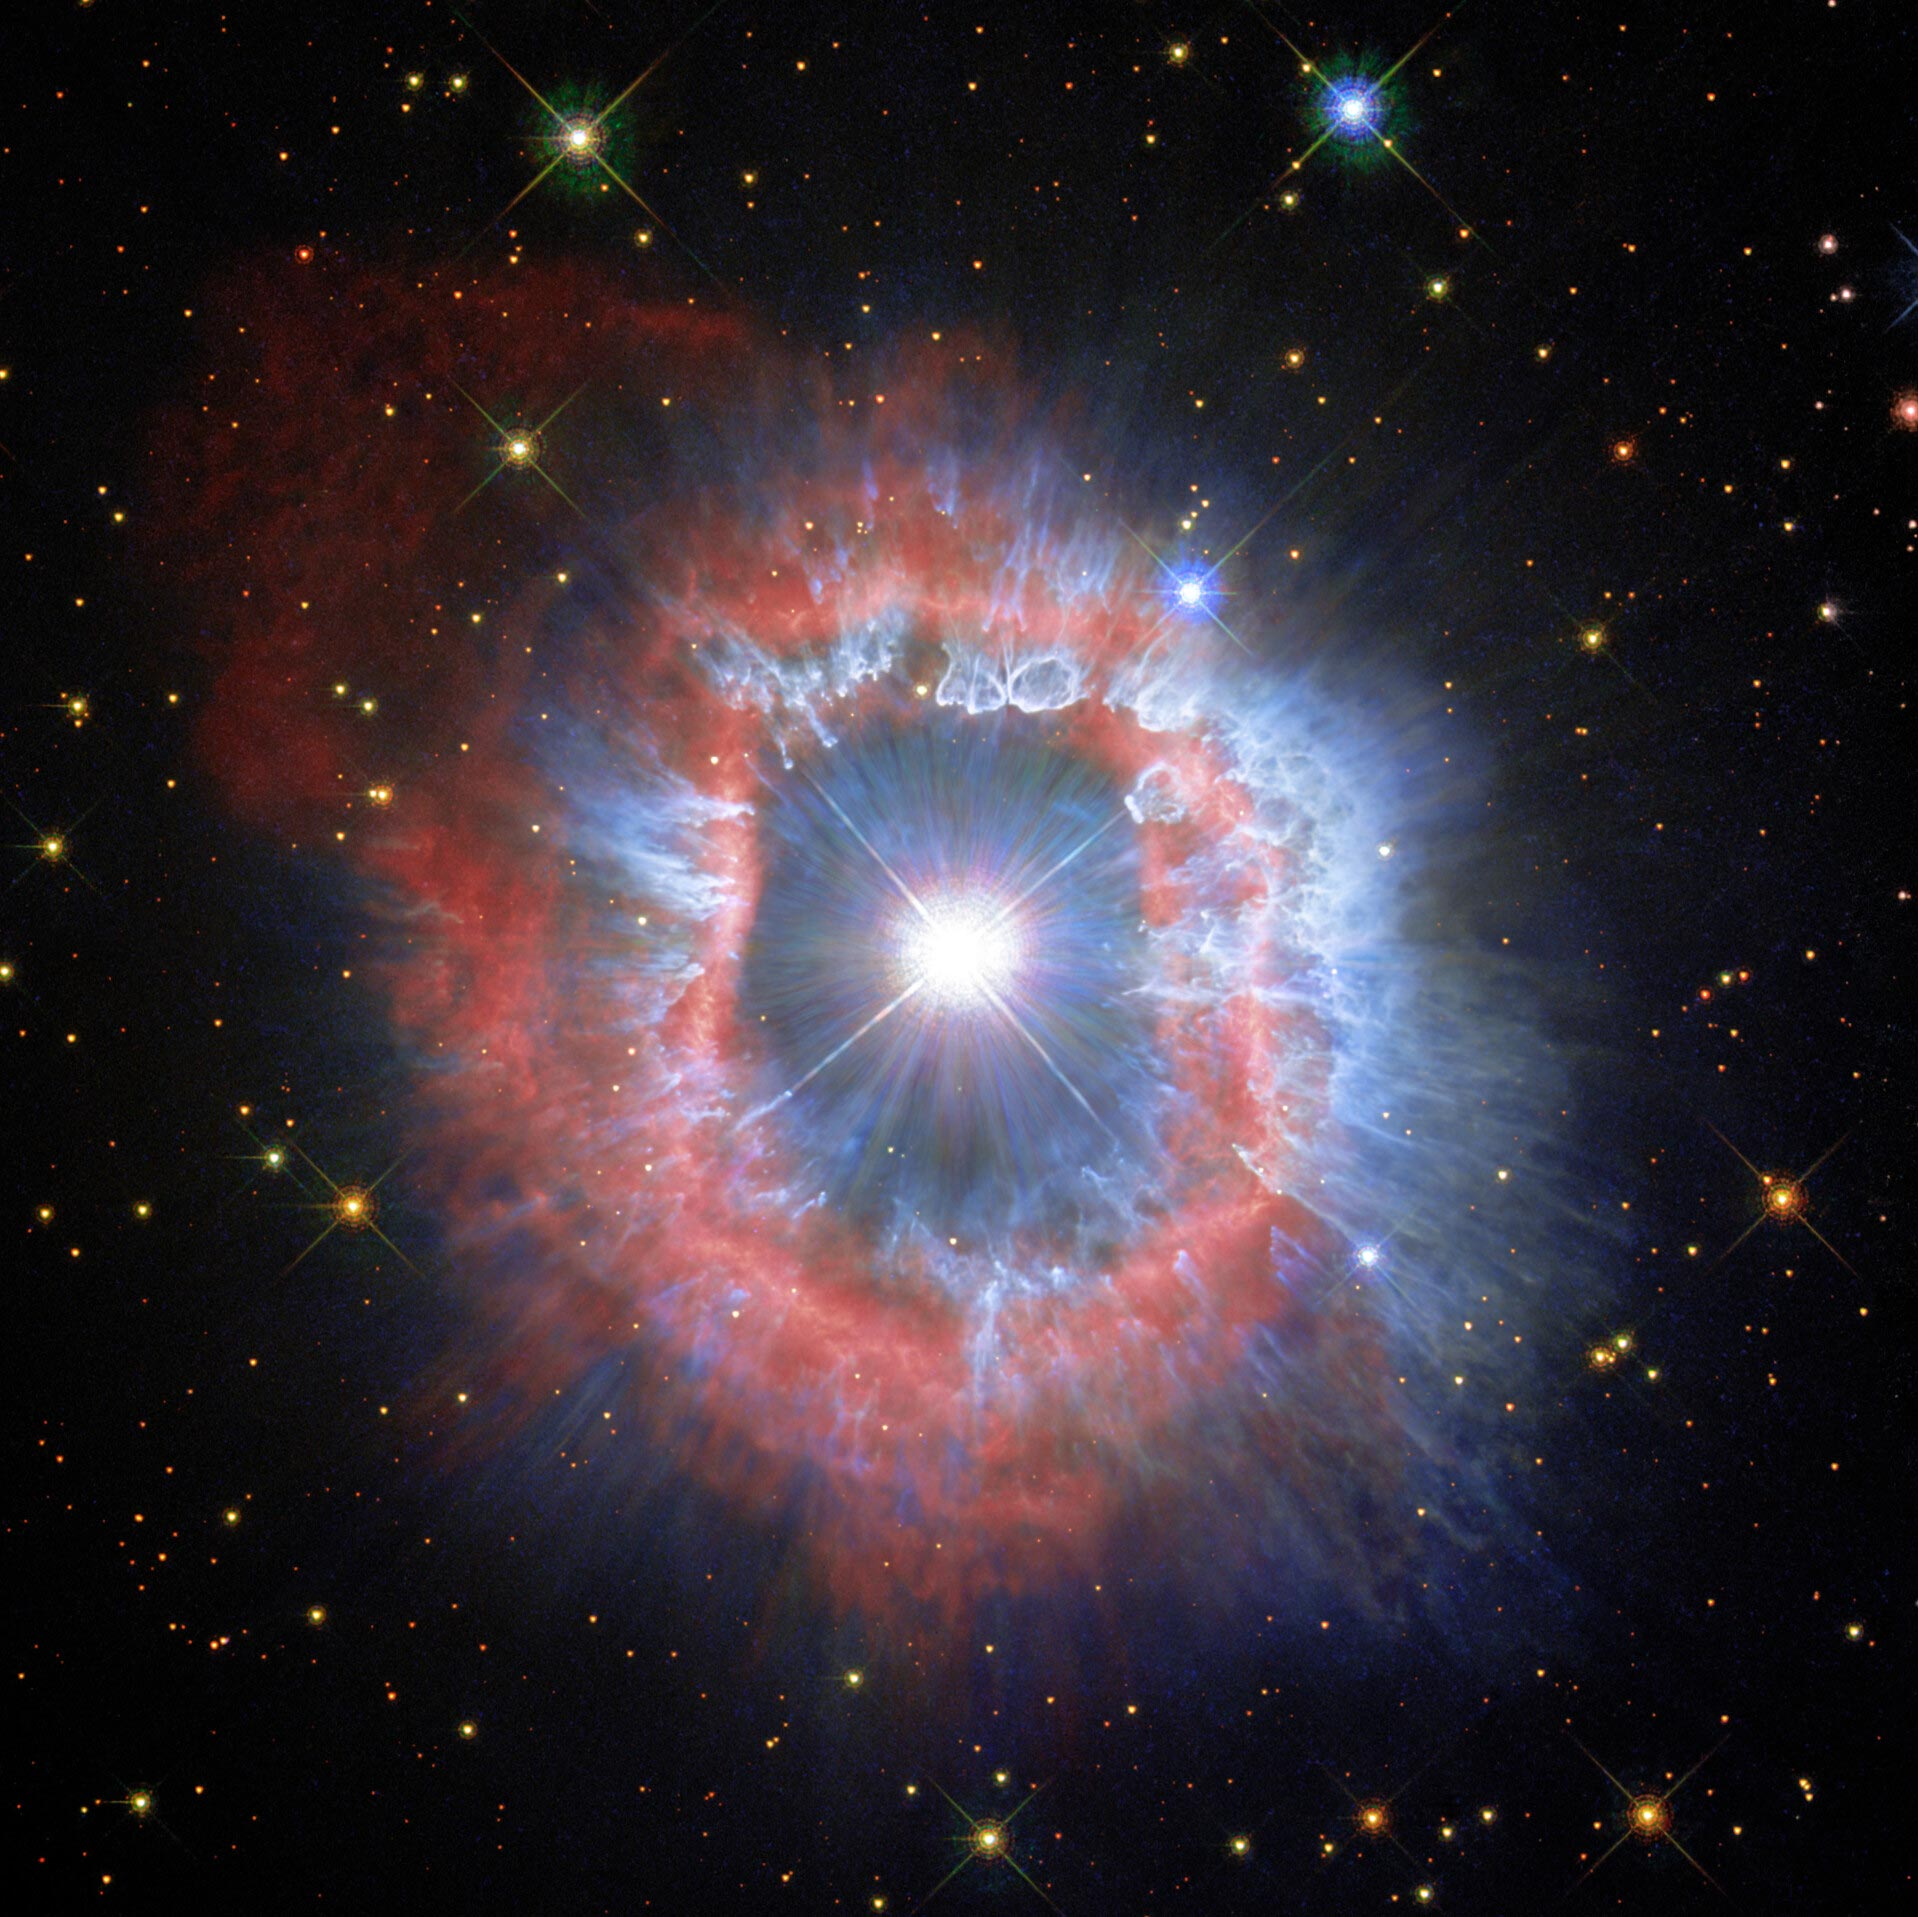 哈勃太空望远镜捕捉到巨型怪兽恒星船底座AG的最后表现